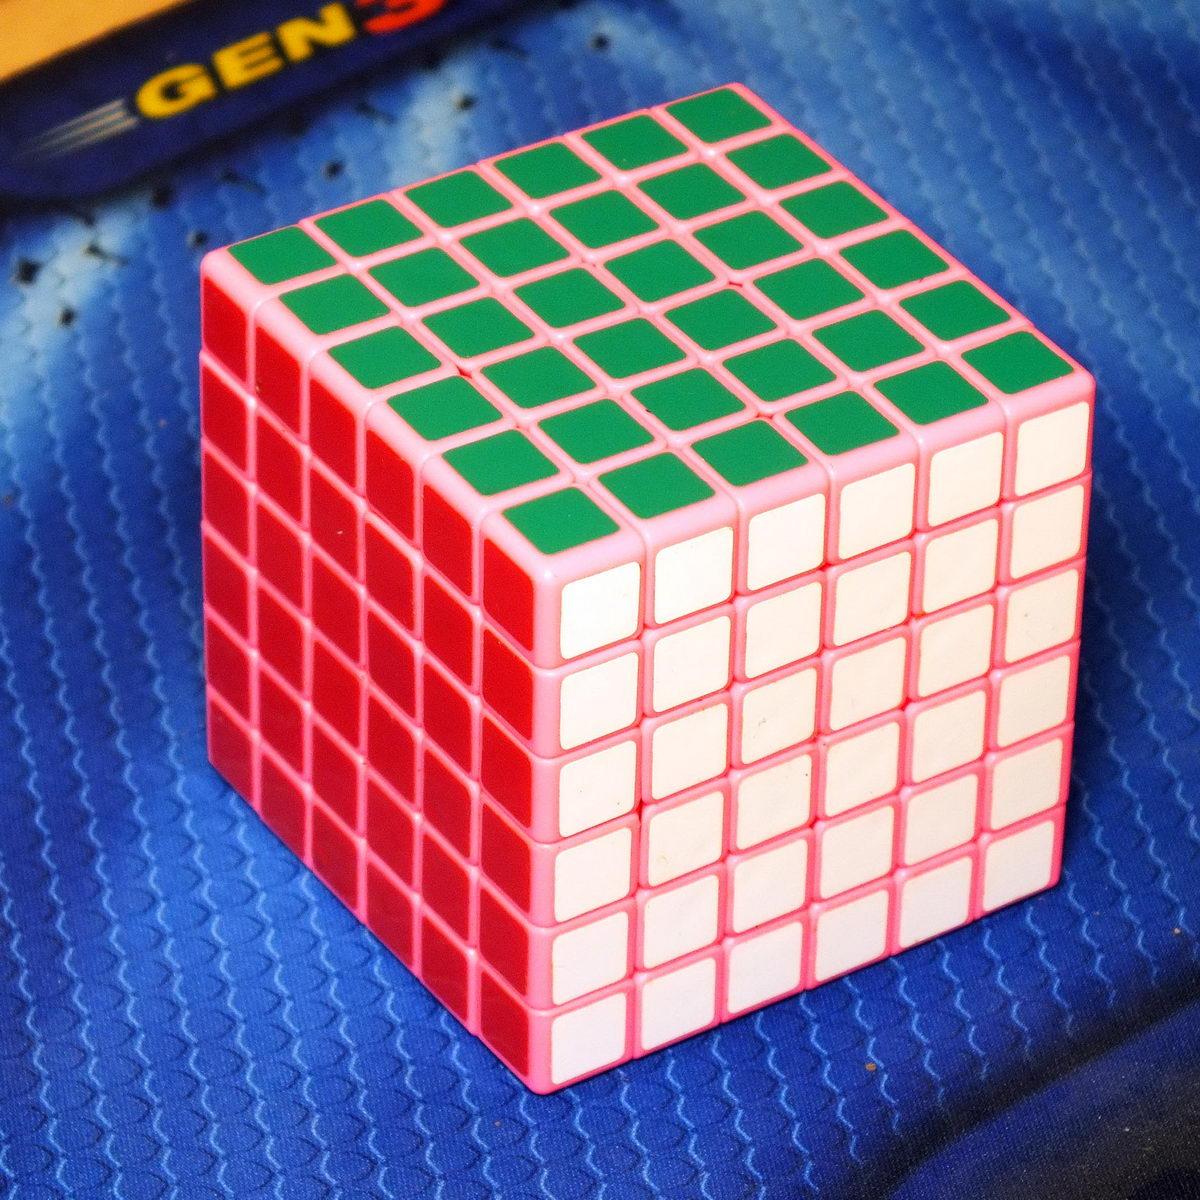 Shengshou 6x6 pink